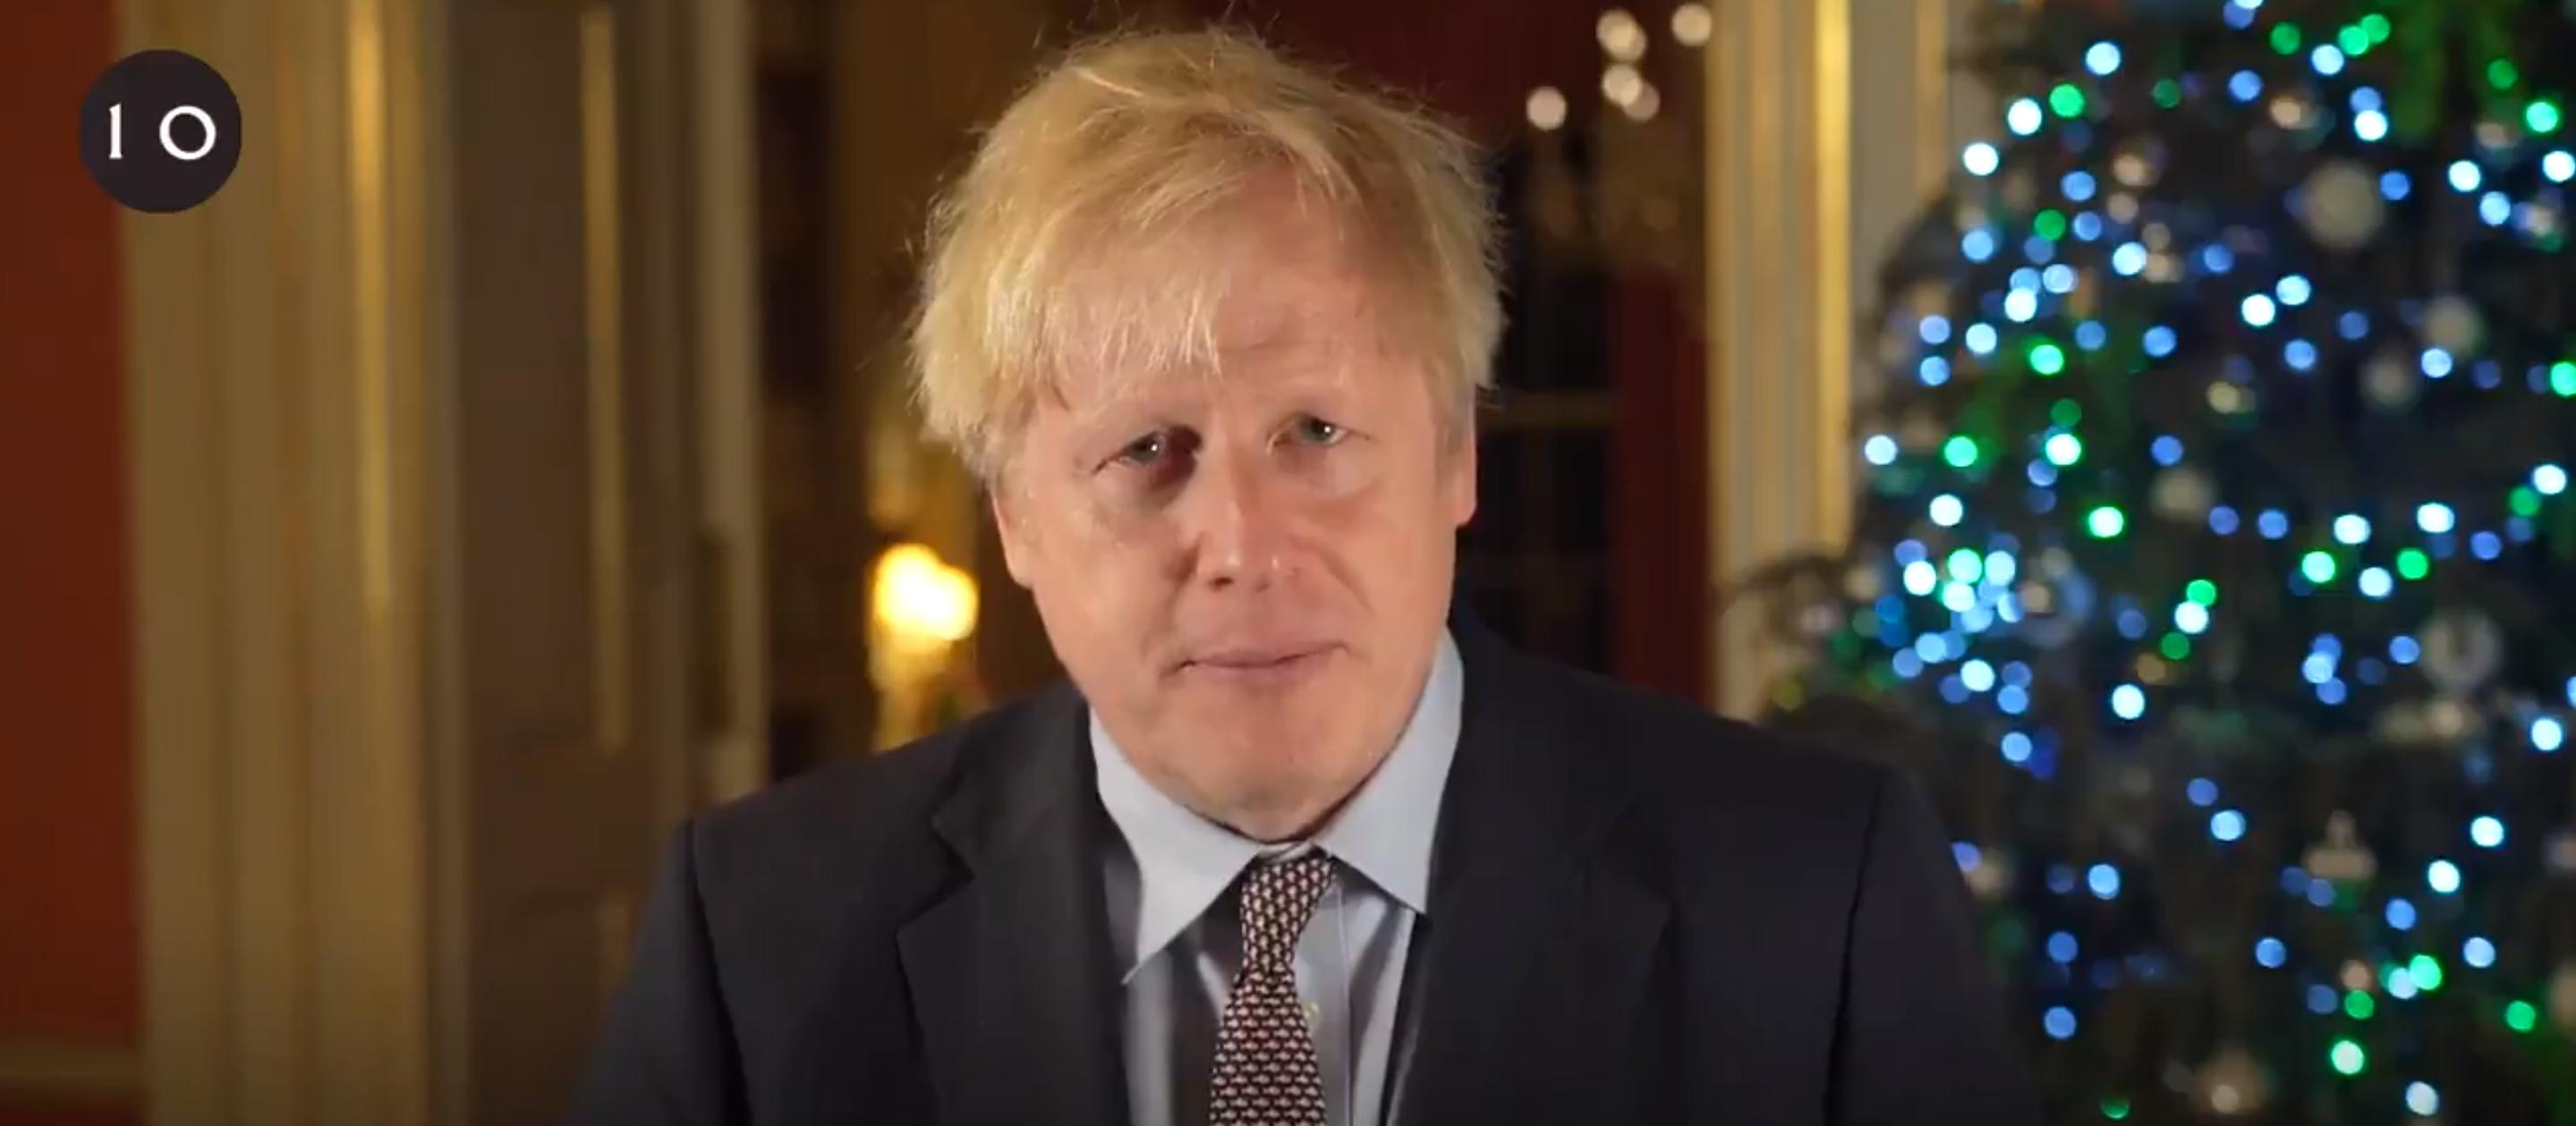 Diese religiösen Metaphern nutzt Boris Johnson – kath.ch